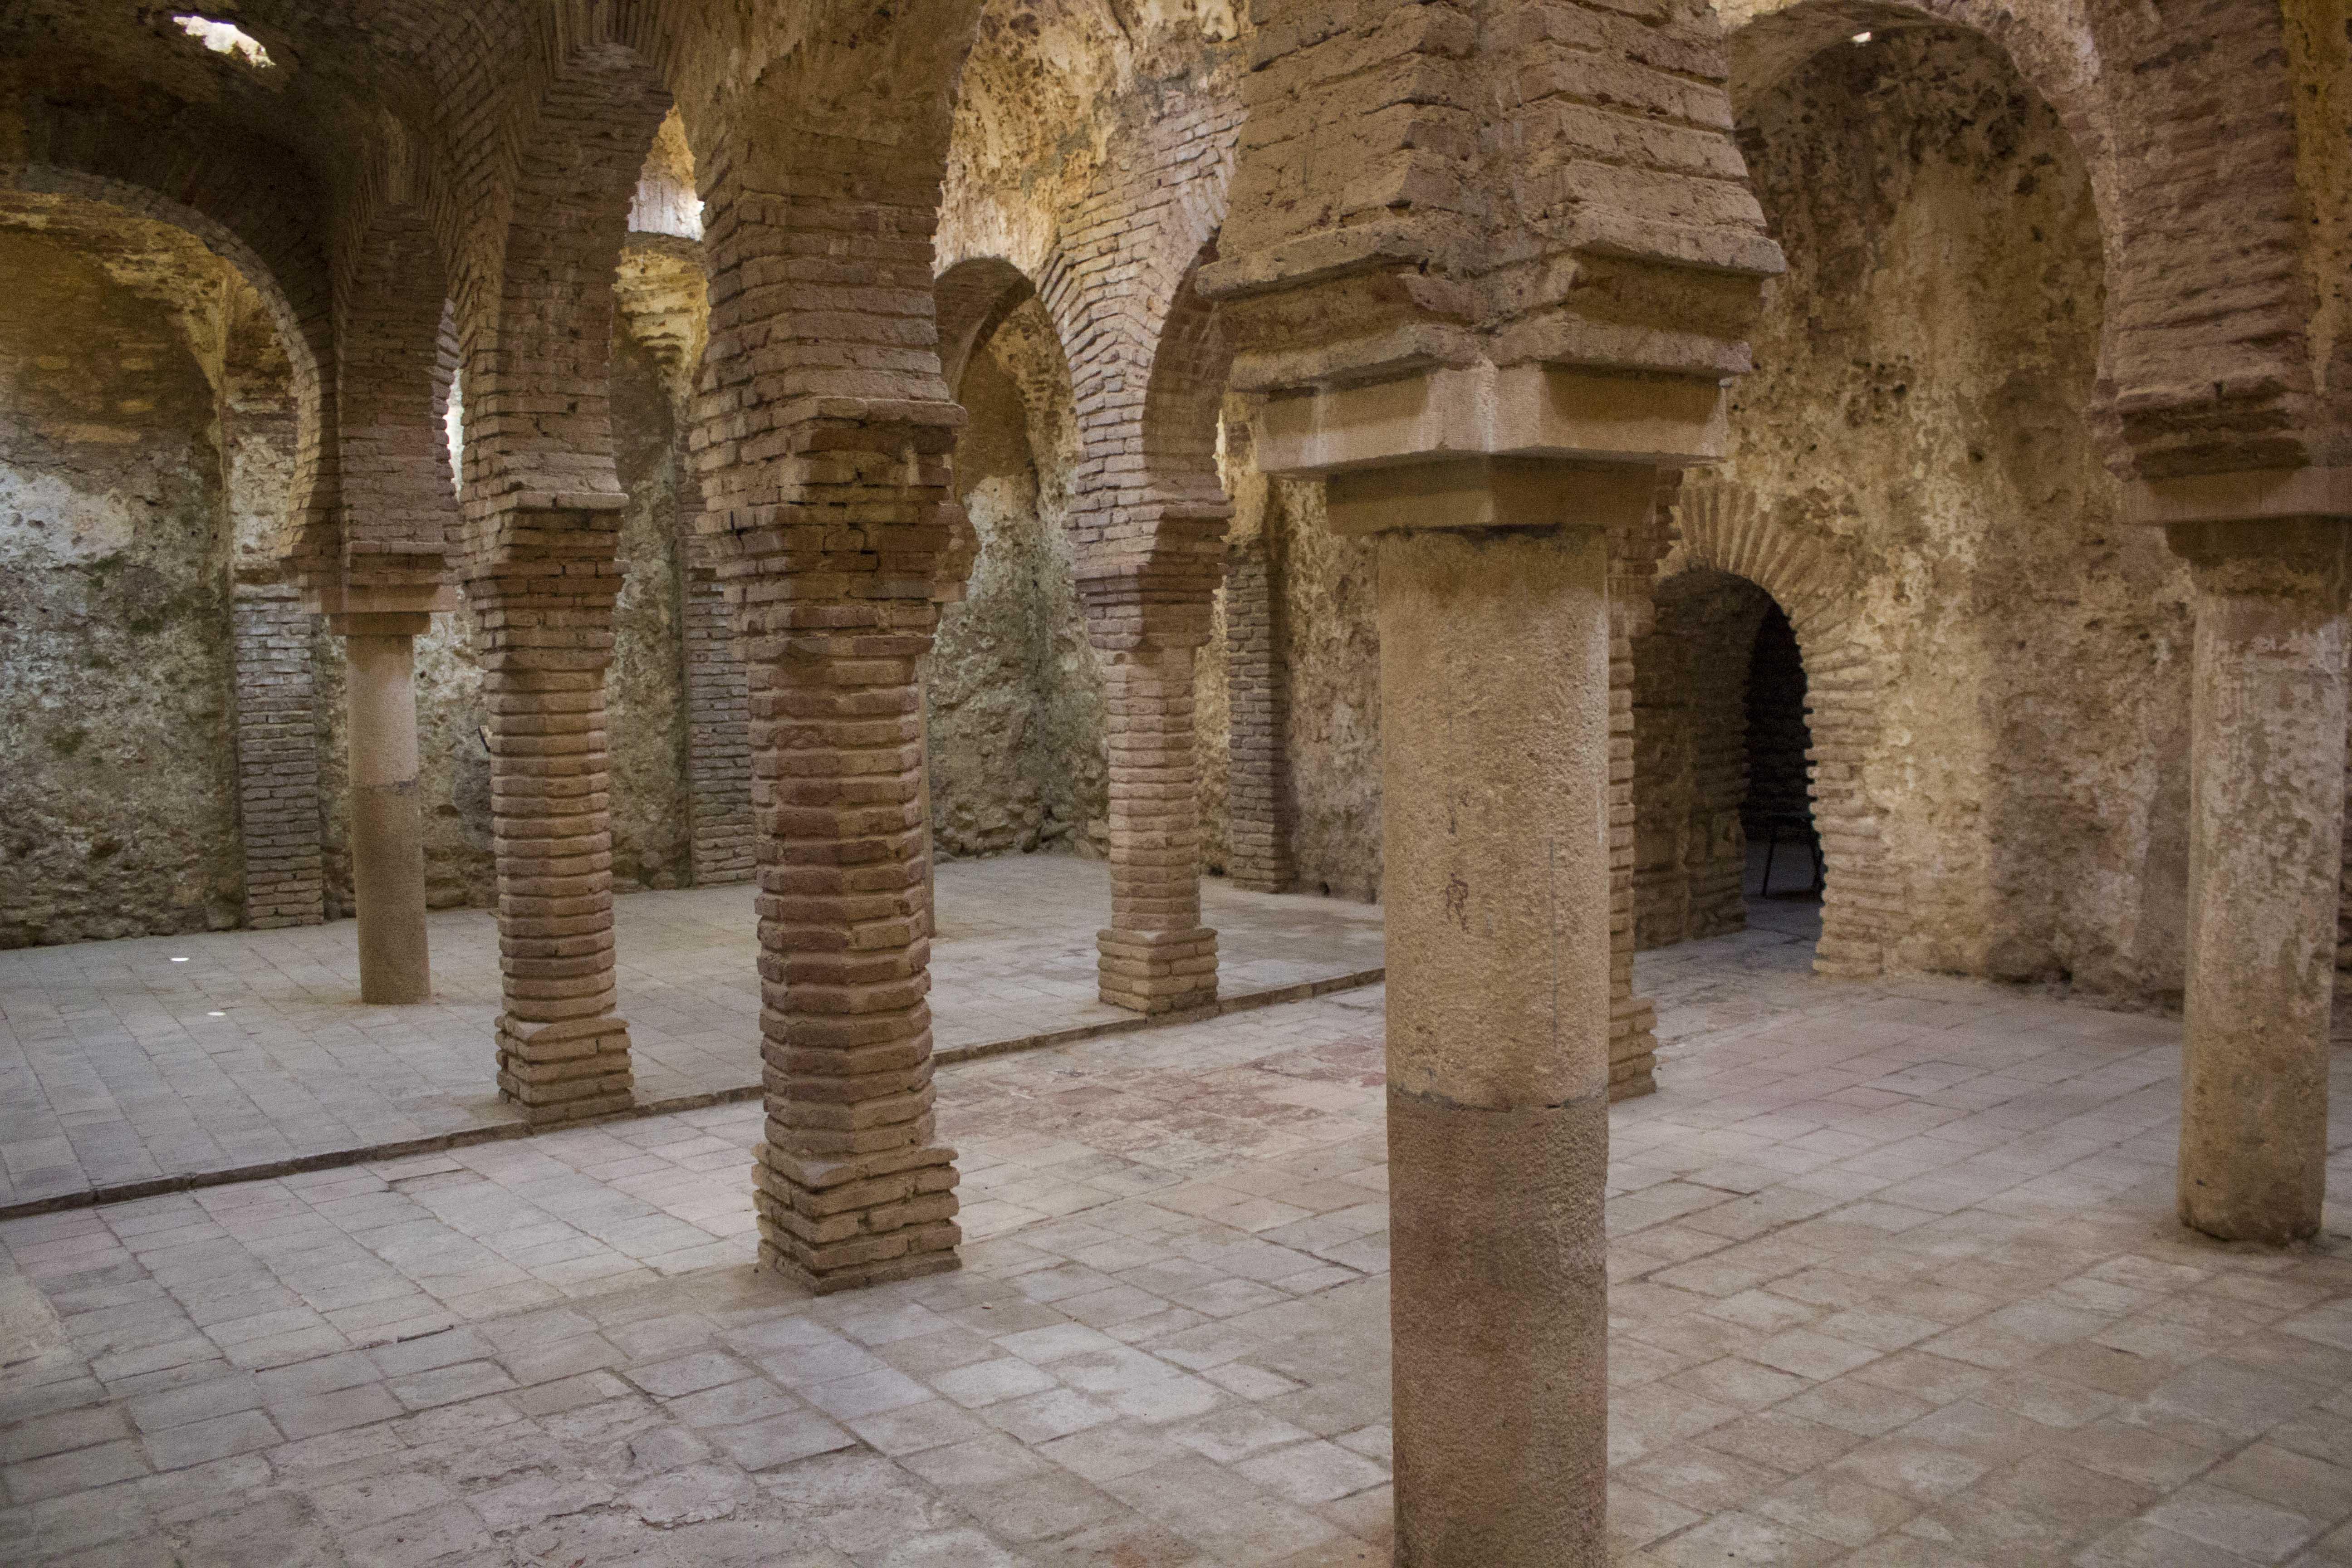 Baños Arabes De Malaga | Enclave Arqueologico De Los Banos Arabes De San Miguel Aaiicc